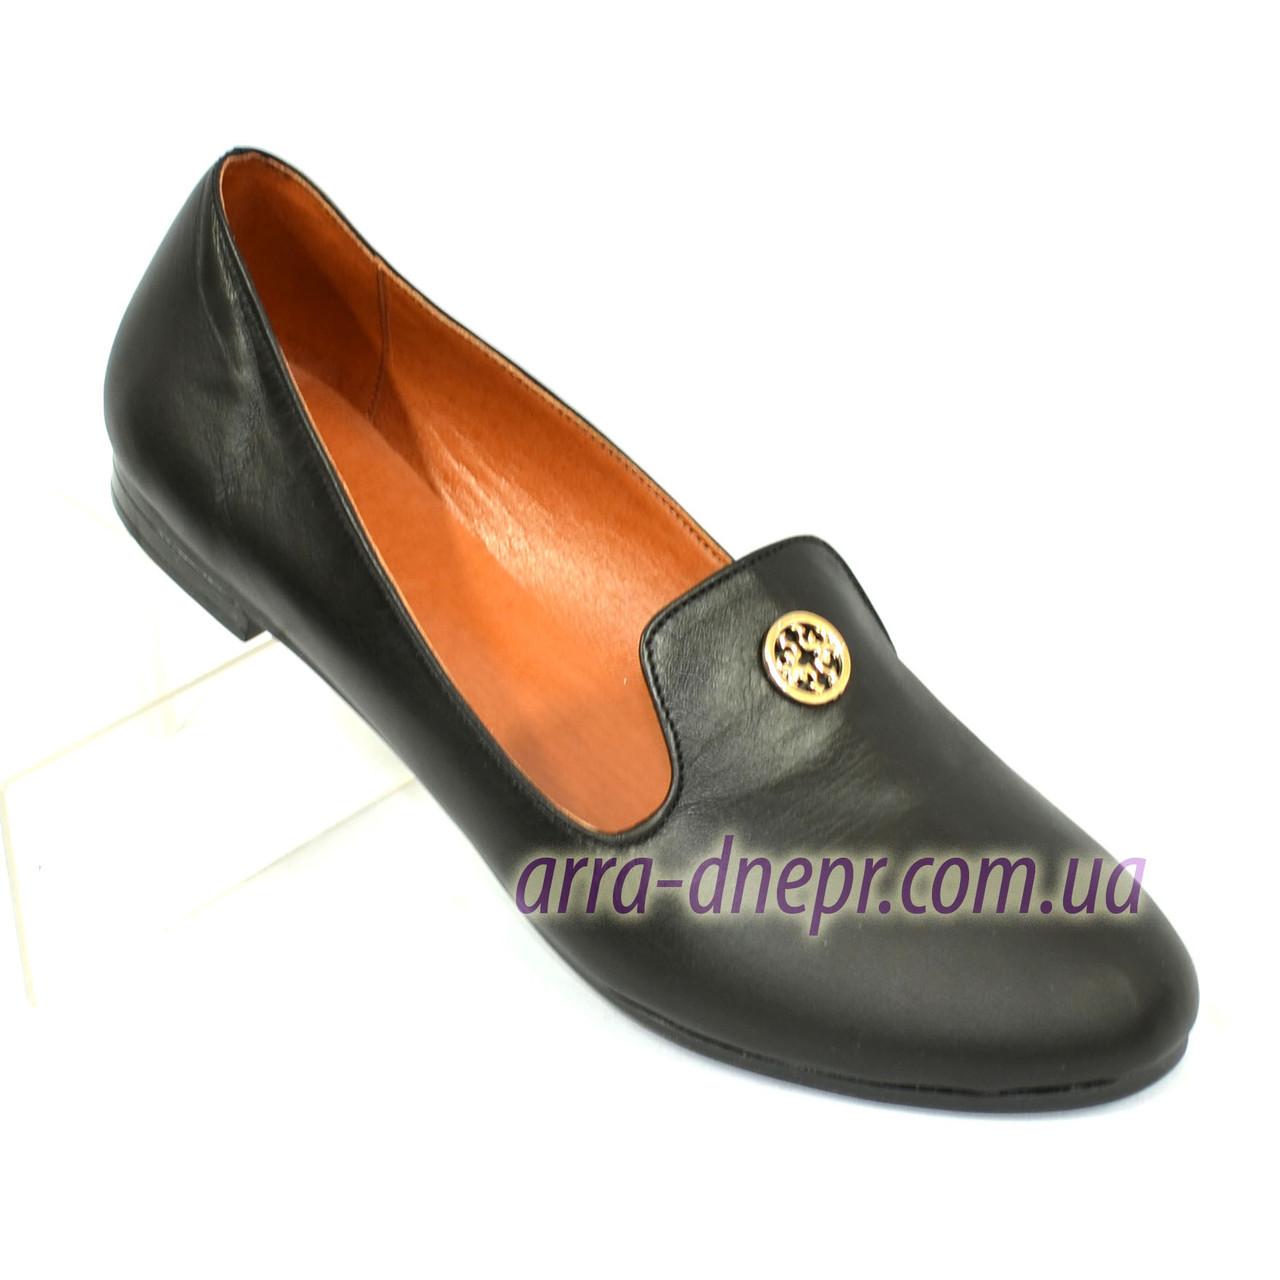 Женские черные кожаные туфли-балетки, декорированы фурнитурой.